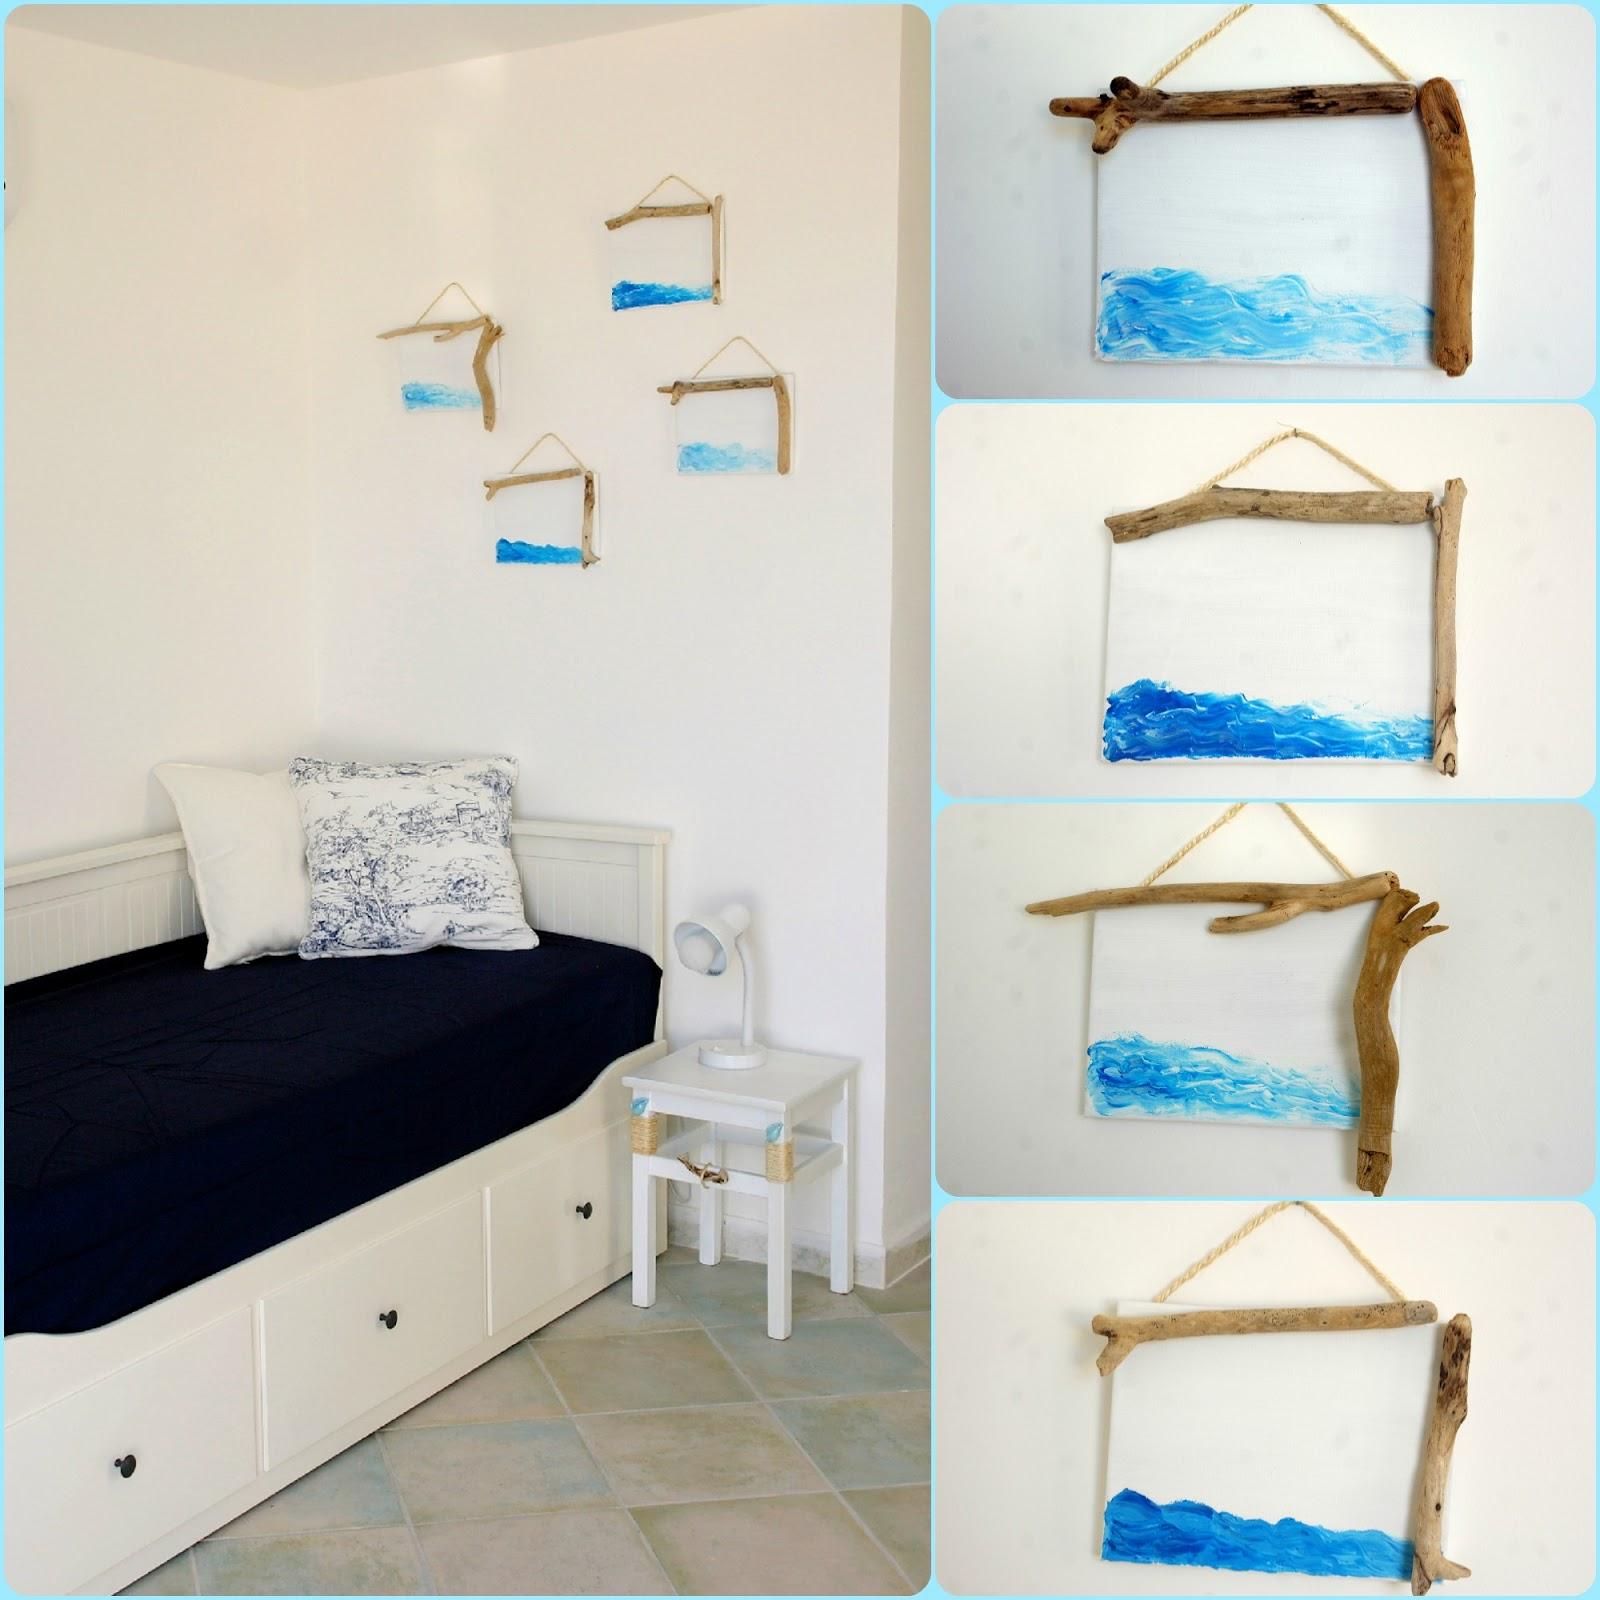 Legni di mare arredamento home design e interior ideas for Legni di mare arredamento